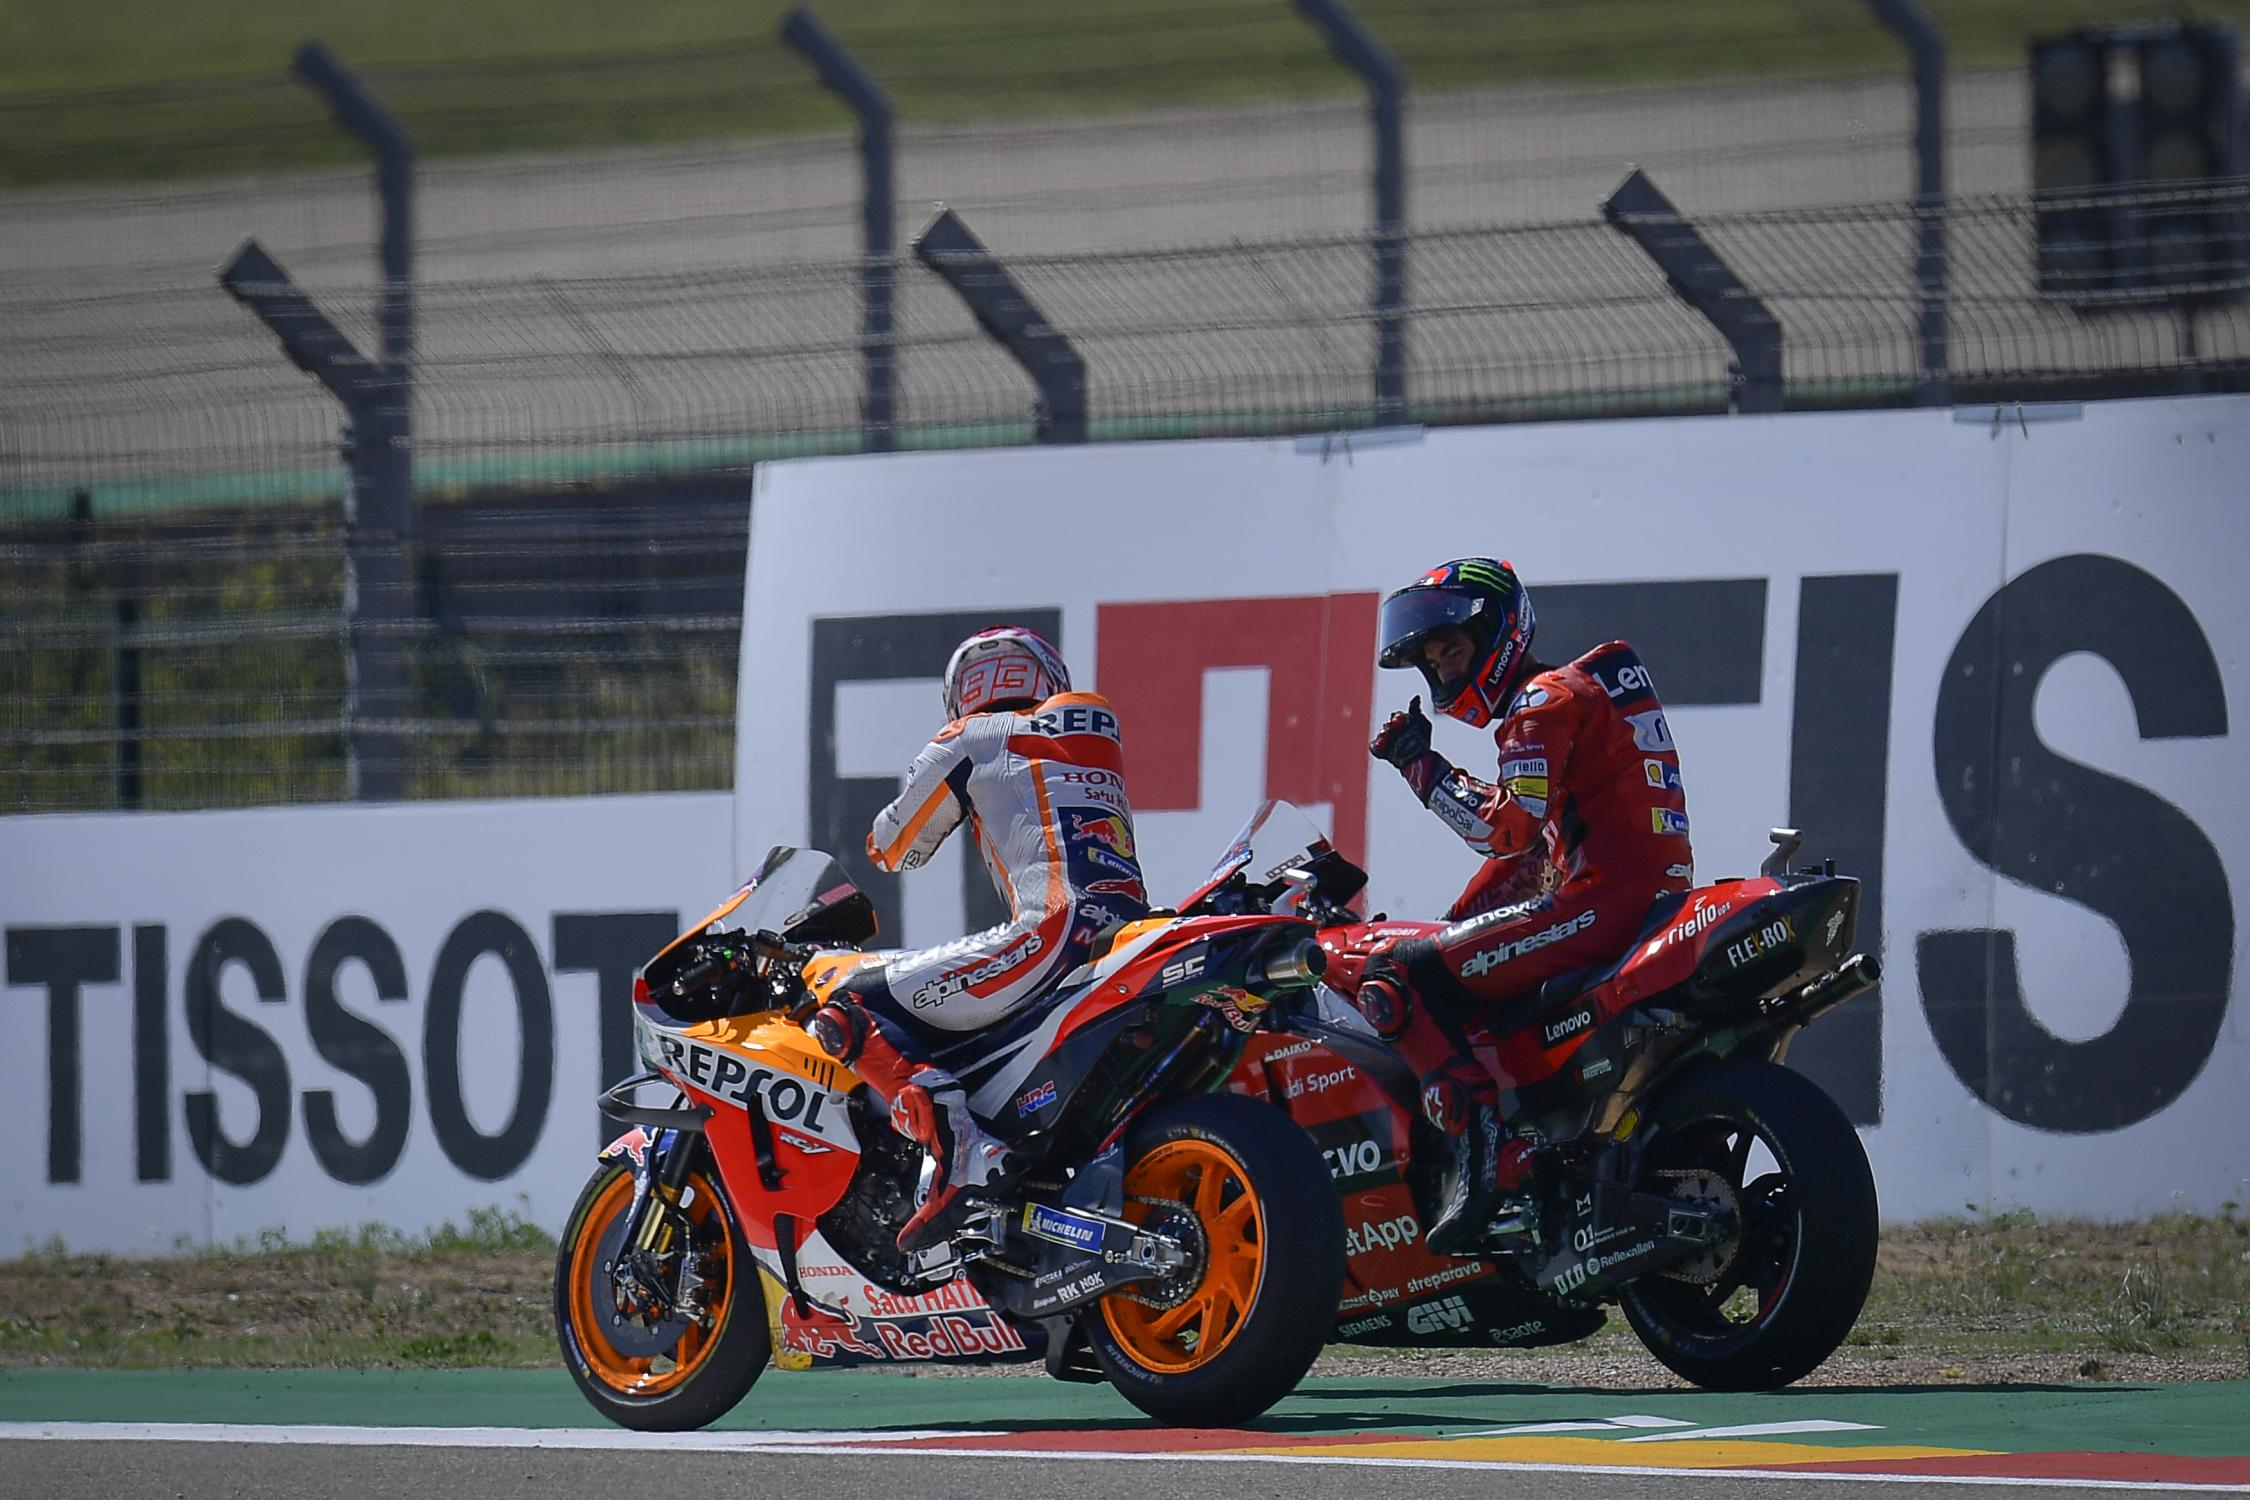 Francesco Bagnaia, Marc Marquez, Gran Premio TISSOT de Aragón